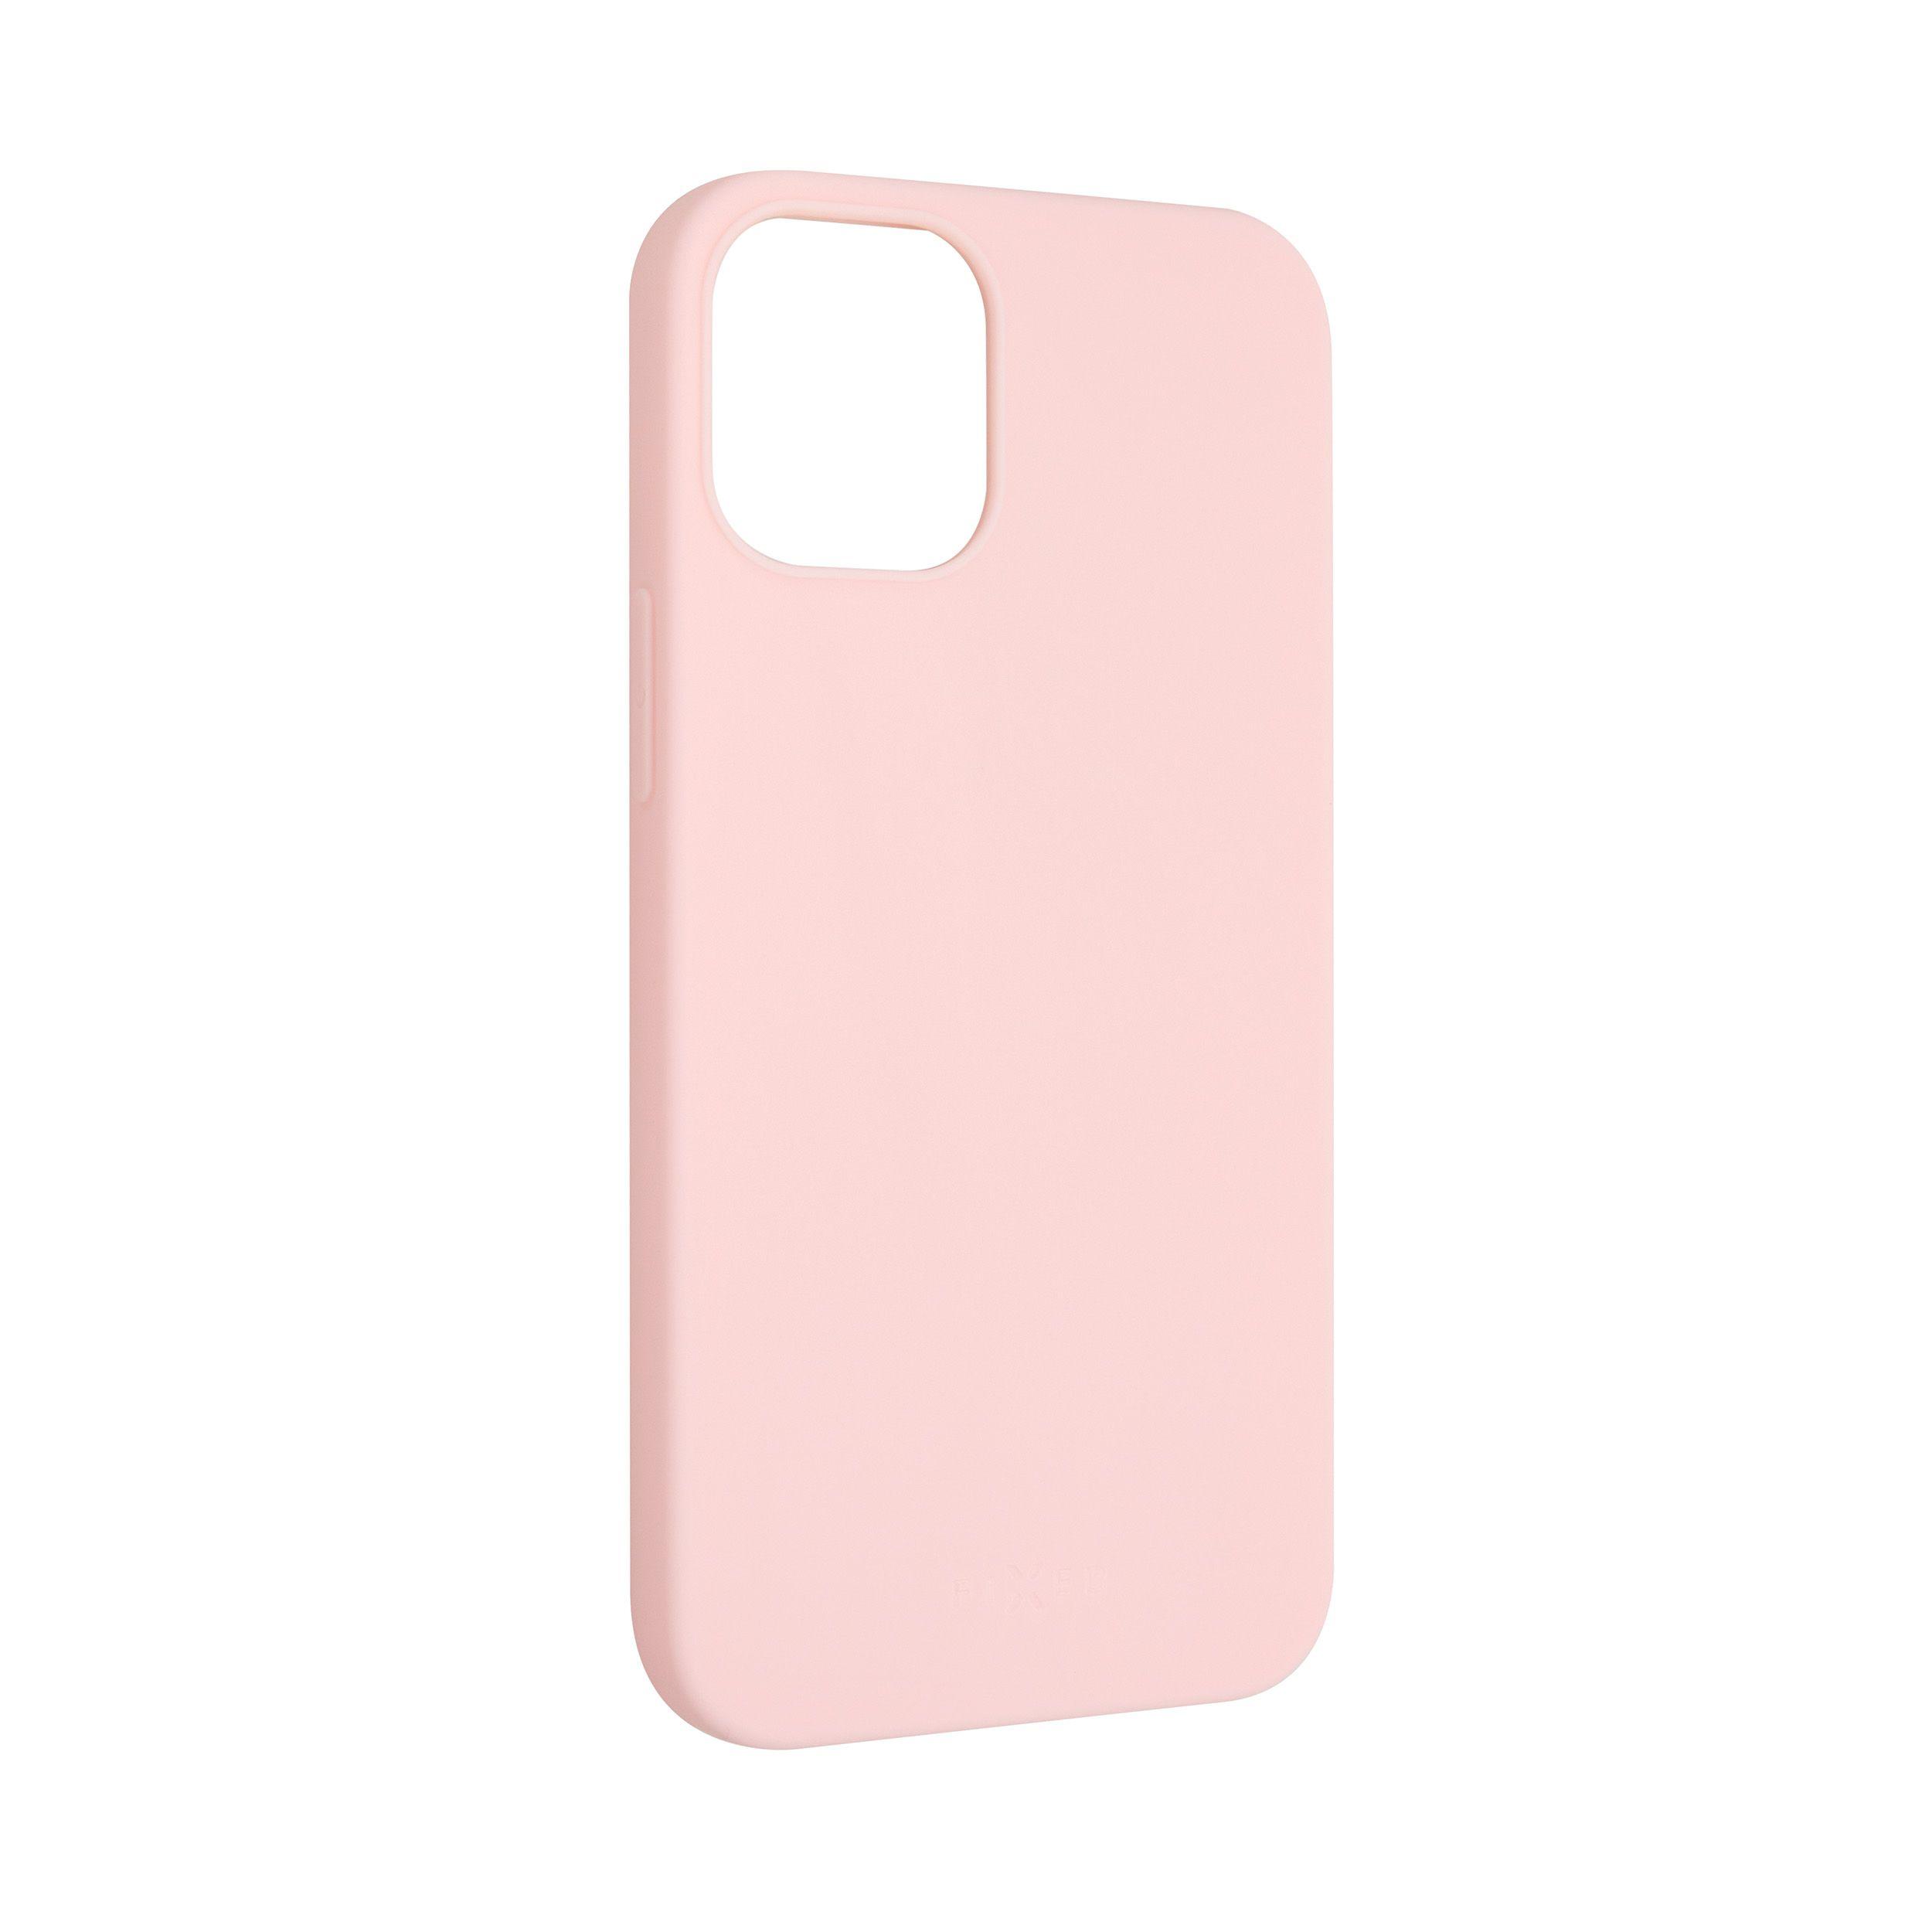 Zadní pogumovaný kryt FIXED Story pro Apple iPhone 12, růžový